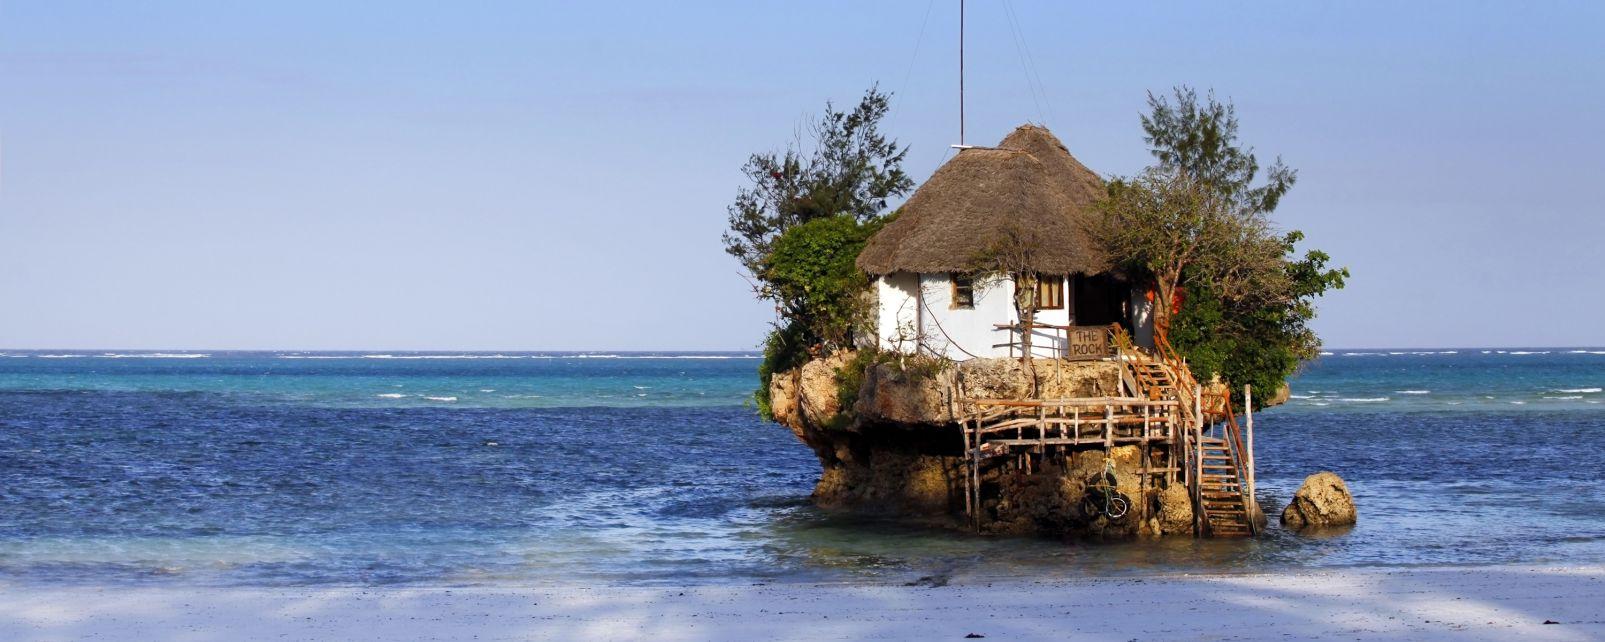 La cueva de los esclavos de Mangapwani, Los paisajes orientales, Los paisajes, Zanzibar